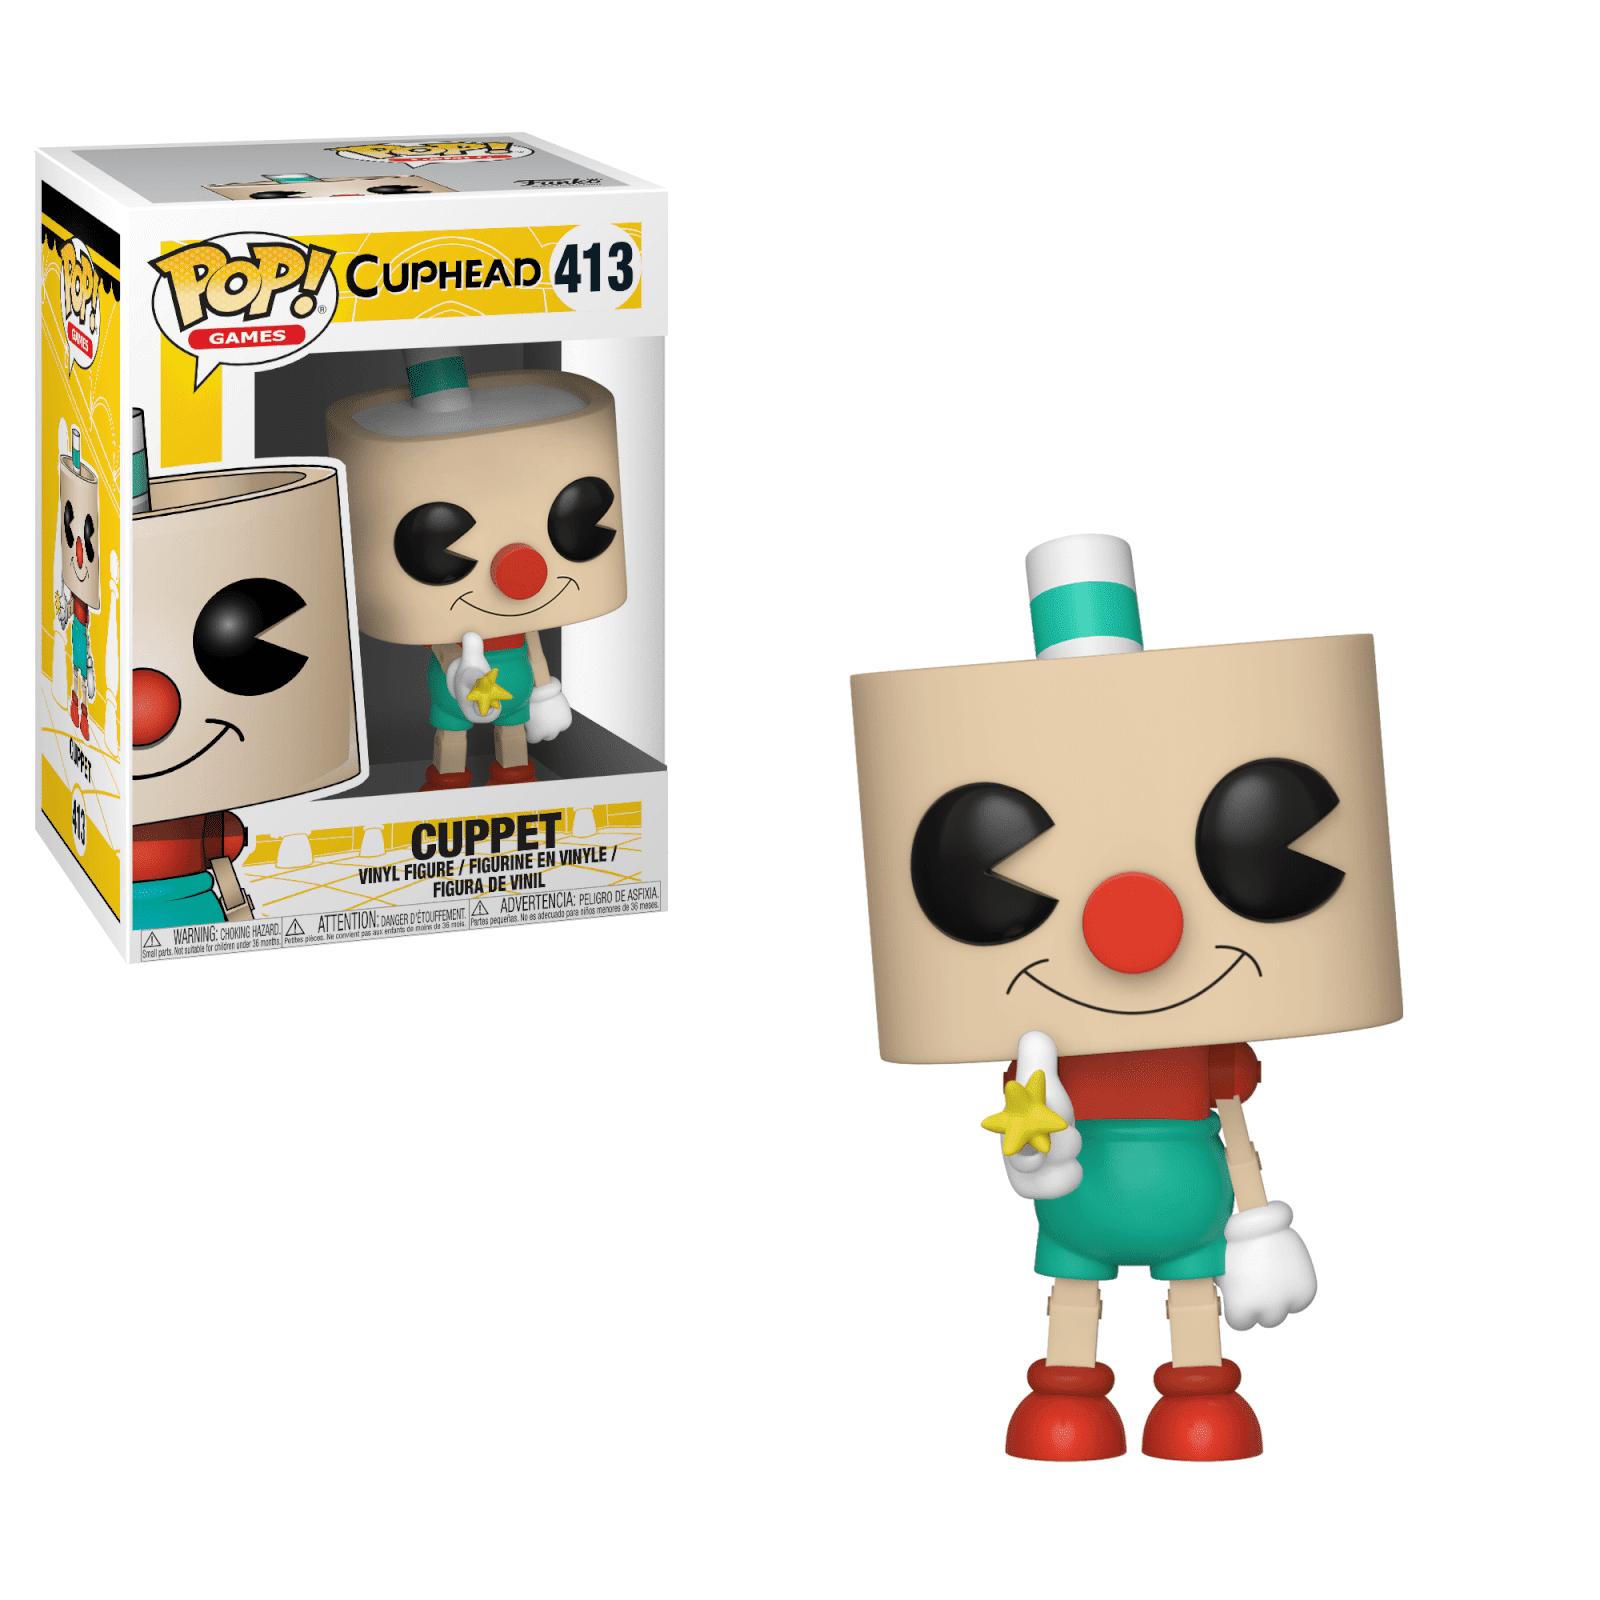 Pop! Vinyl Figurine Pop! Cuppet Cuphead